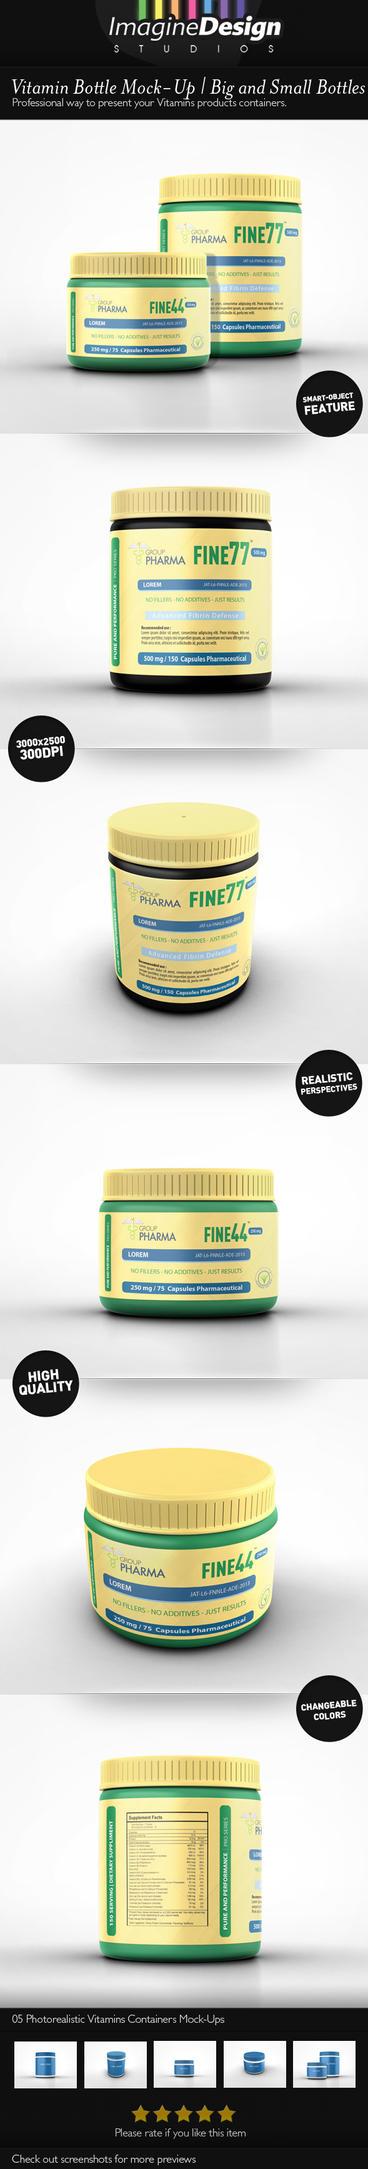 Vitamin Bottle Mockup by idesignstudio